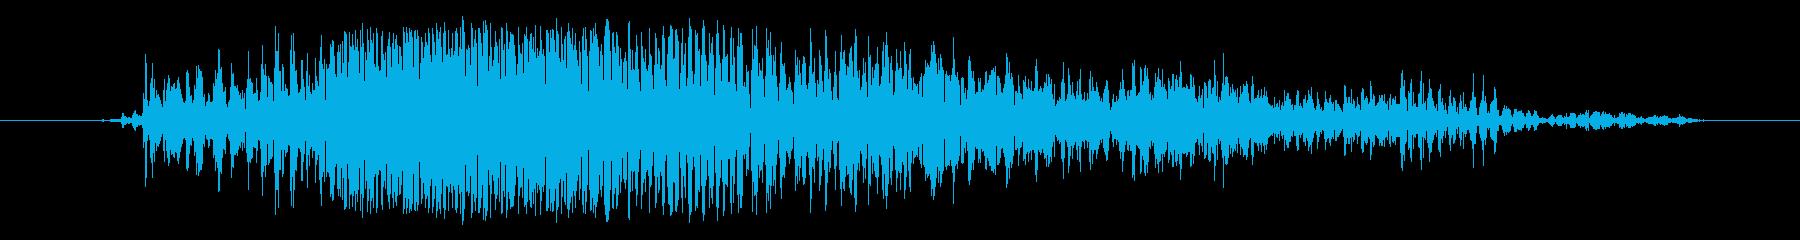 モンスター 窒息ゾンビ04の再生済みの波形